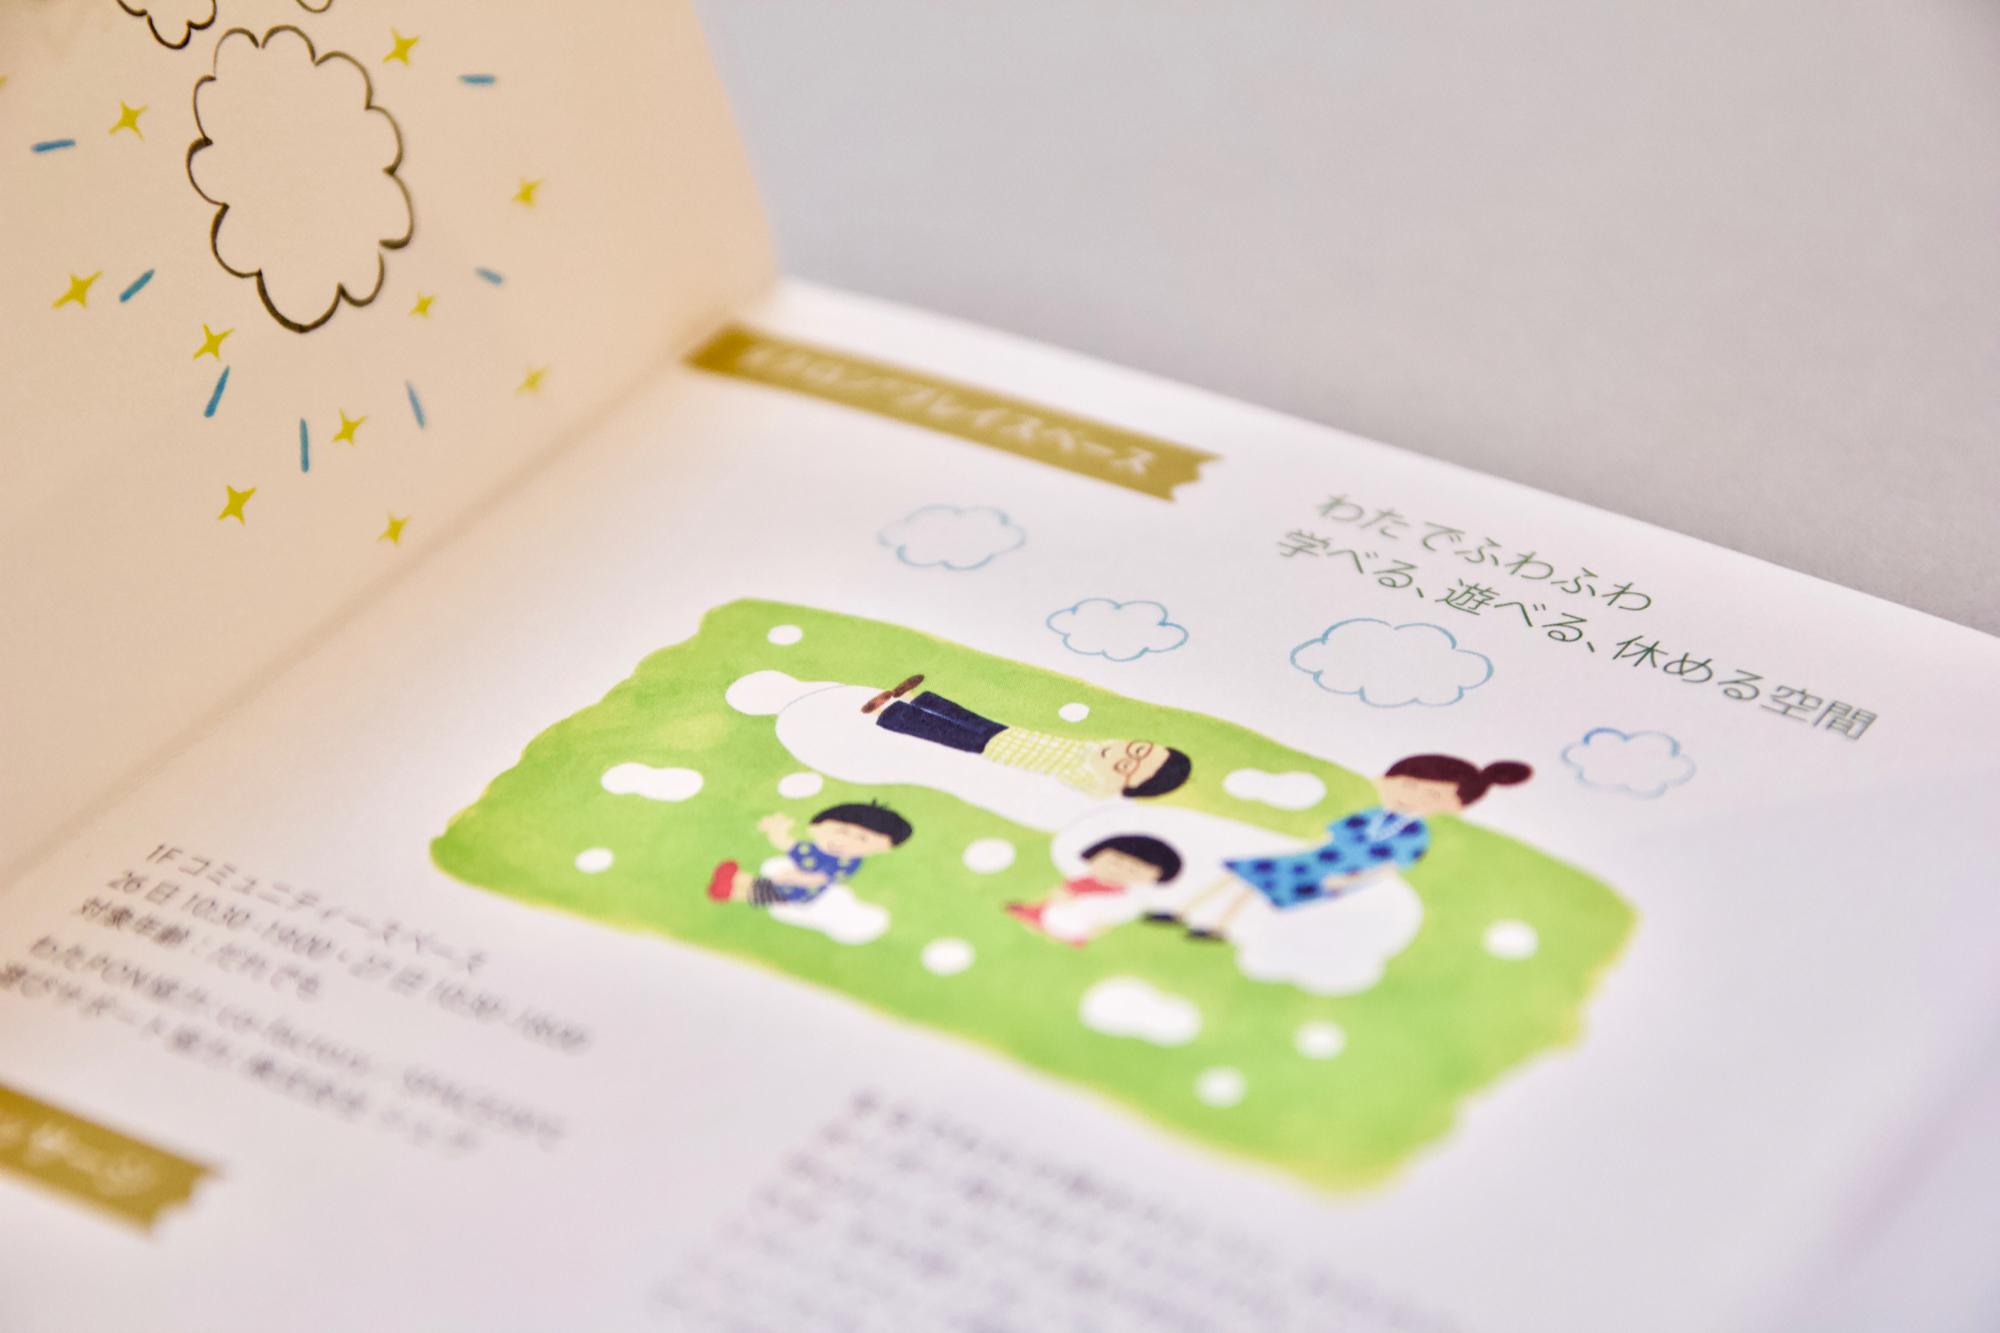 展示会 ツールデザイン|招待状 & プログラム